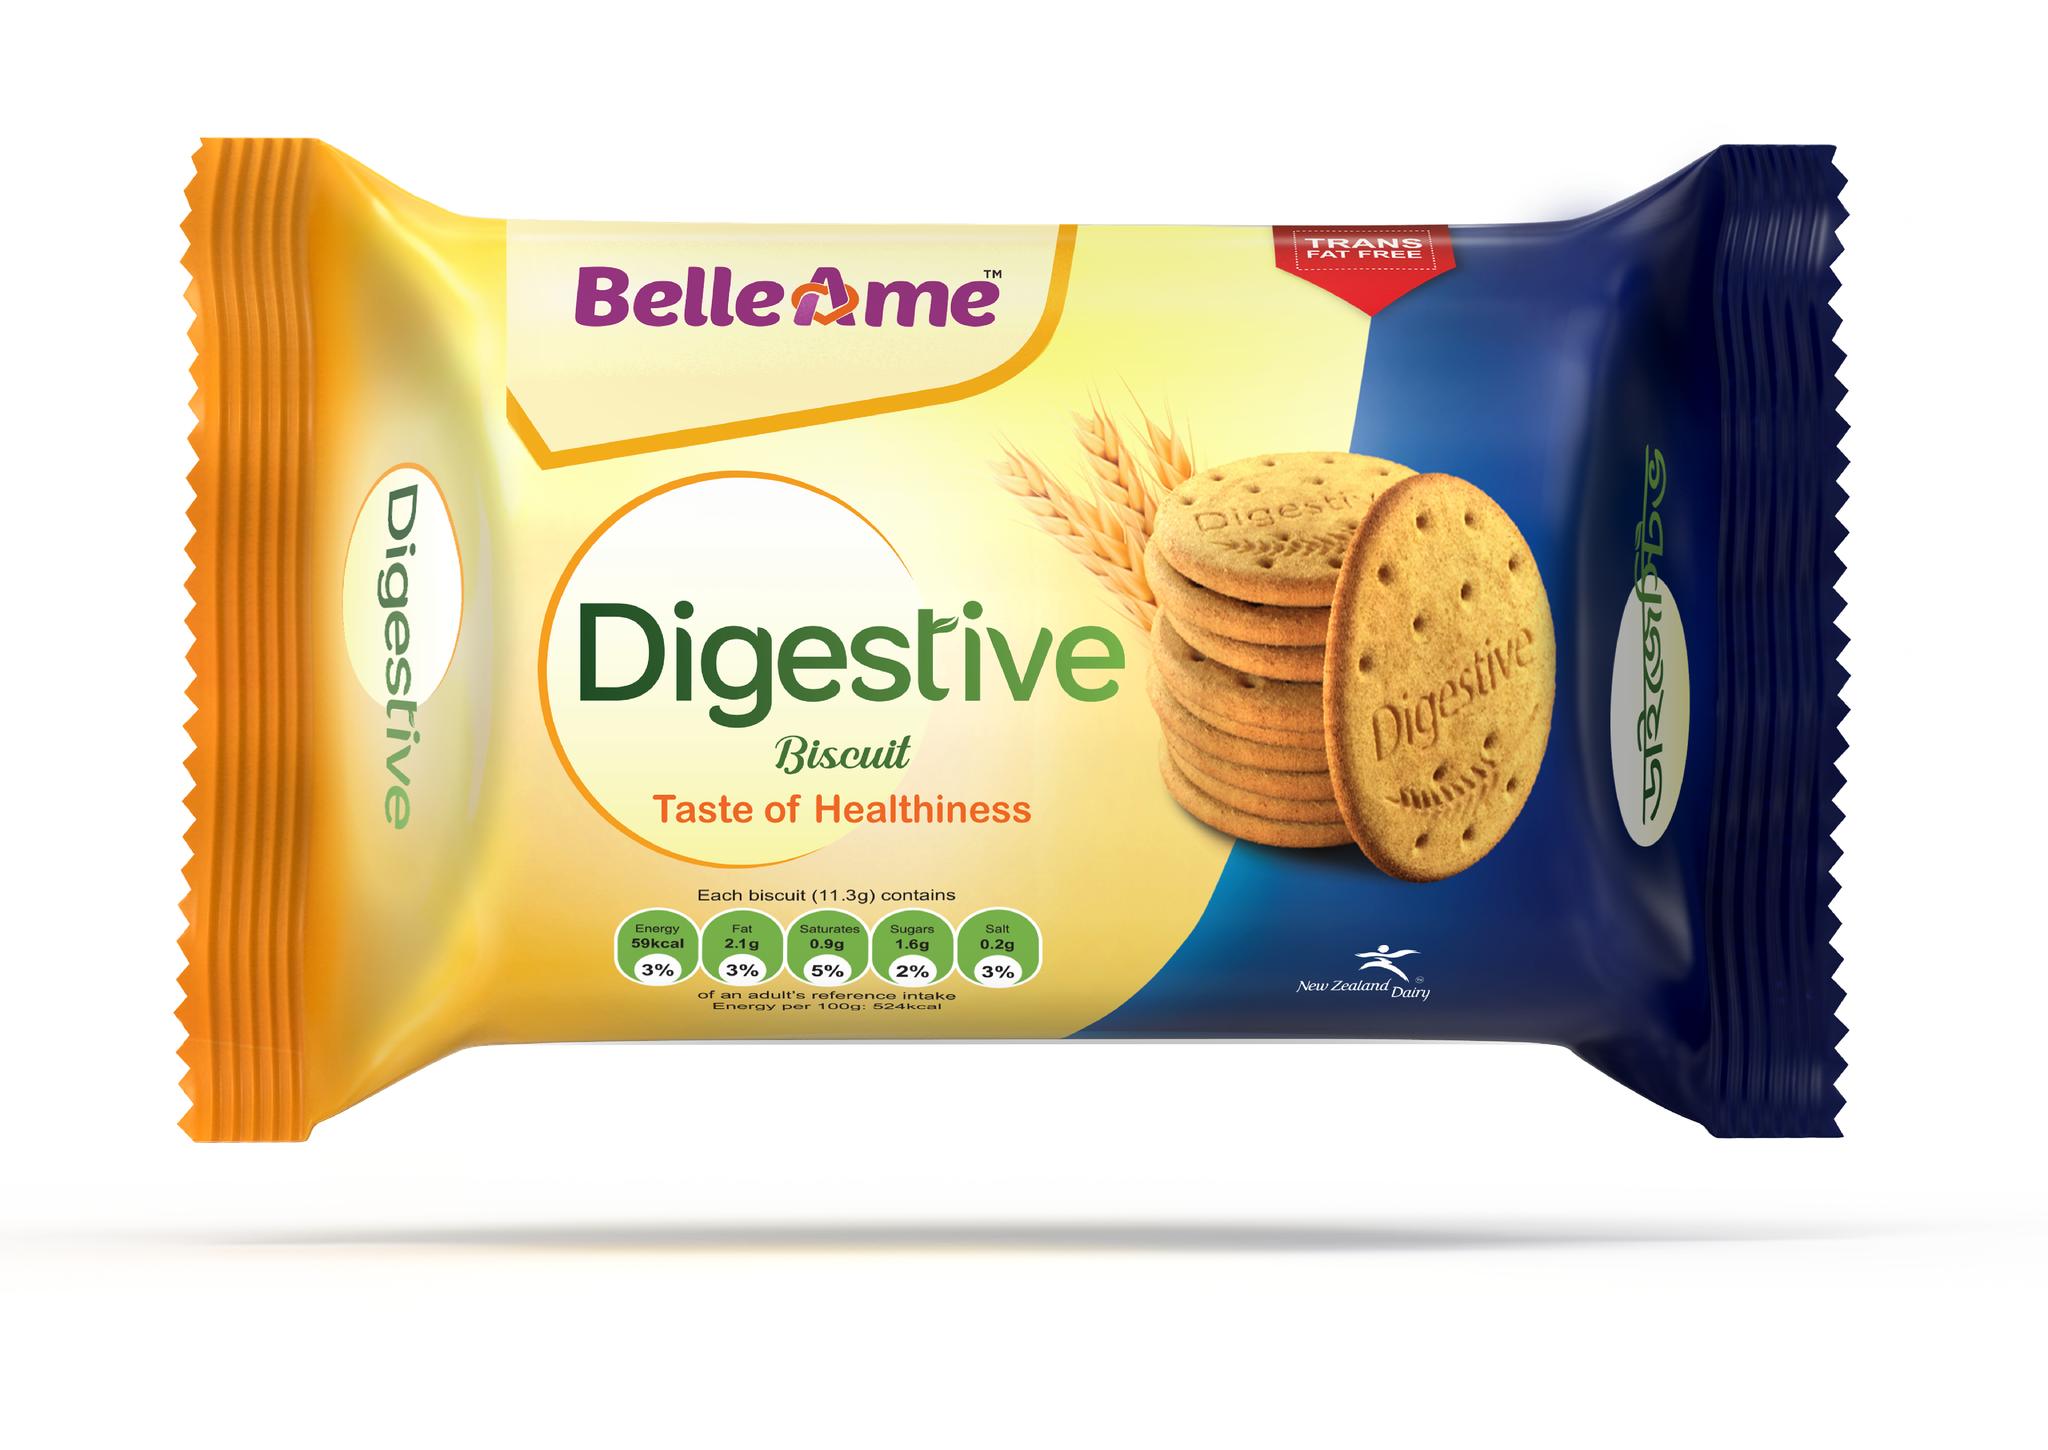 BelleAme Digestive